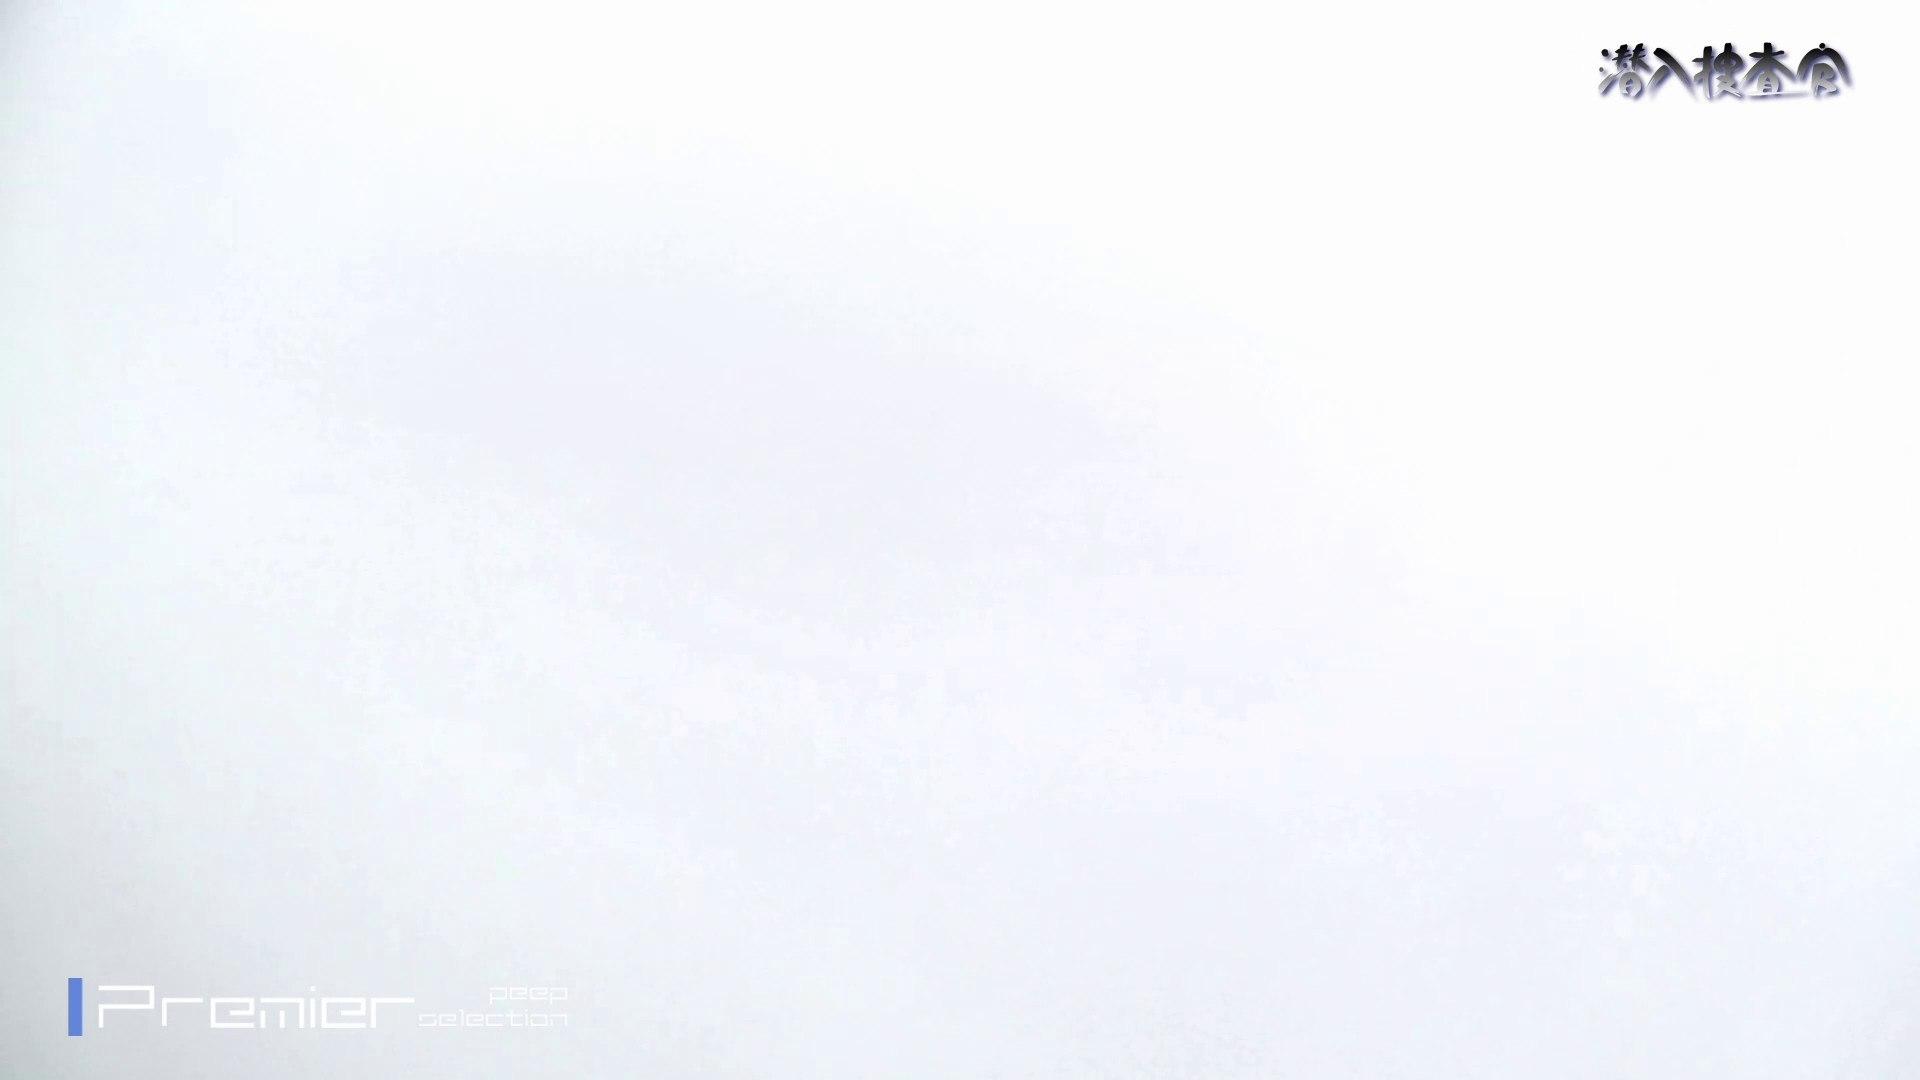 下からノゾム vol.041 携帯に夢中、後ろに居るカメラはやりたい放題! 丸見え AV動画キャプチャ 77枚 19